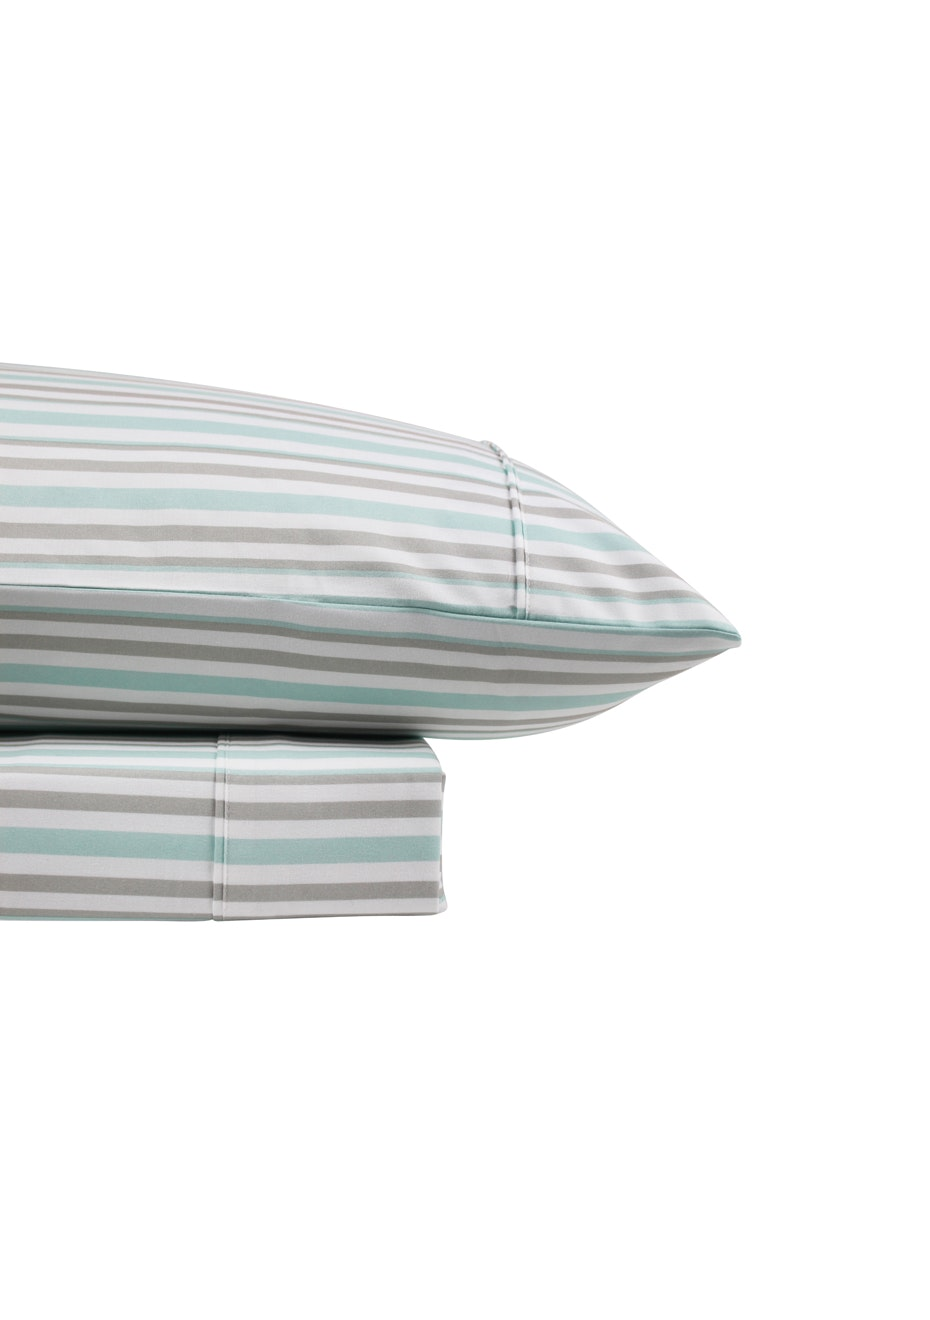 Thermal Flannel Sheet Sets - Stripe Design - Ice/Glacier - Single Bed